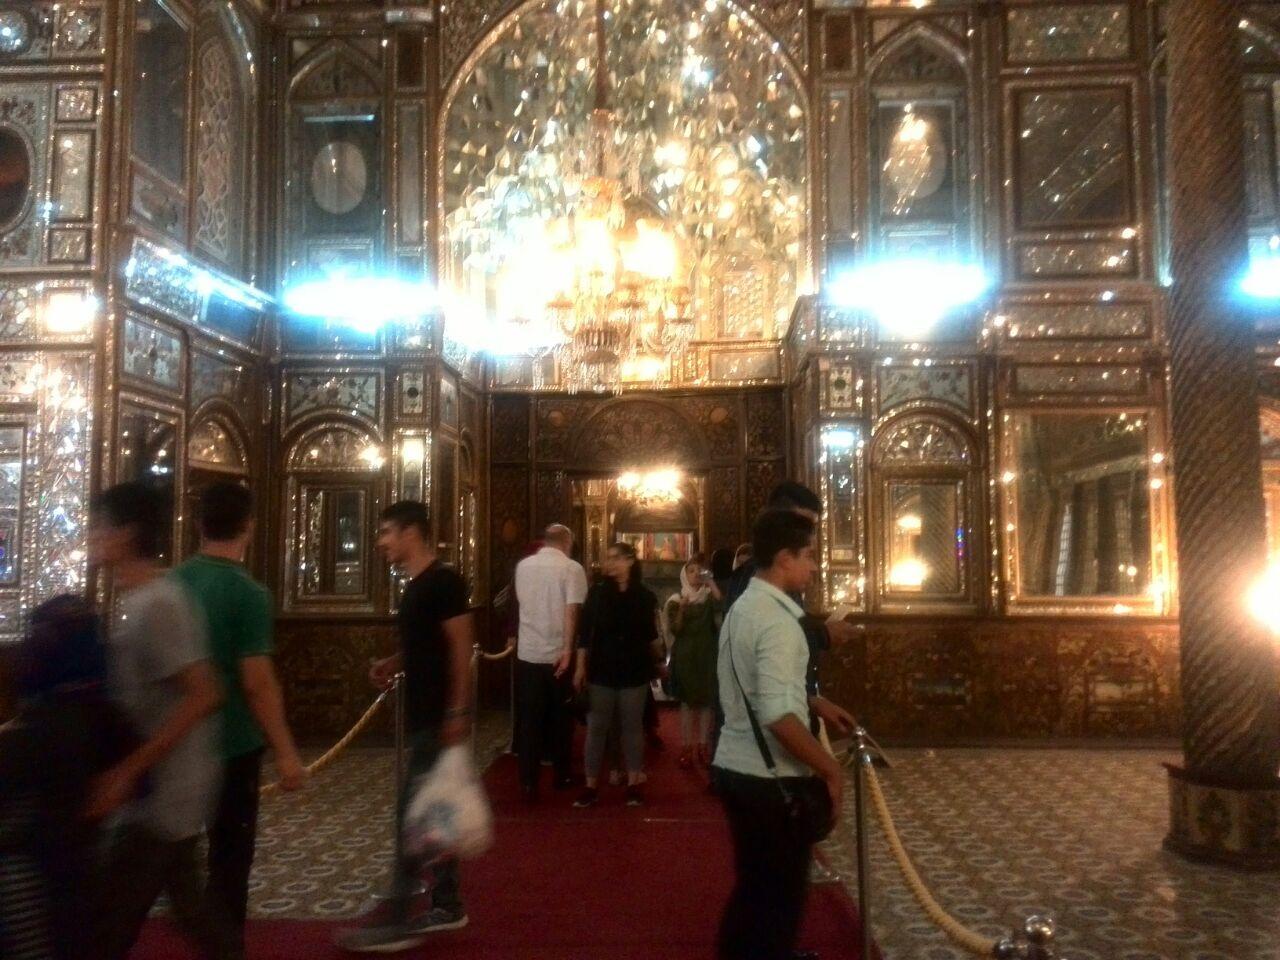 جمعی از کودکان و نوجوانان تحت پوشش مهرآفرین، در راستای اردوهای تفریحی آموزشی موسسه، از کاخ گلستان بازدید کردند.